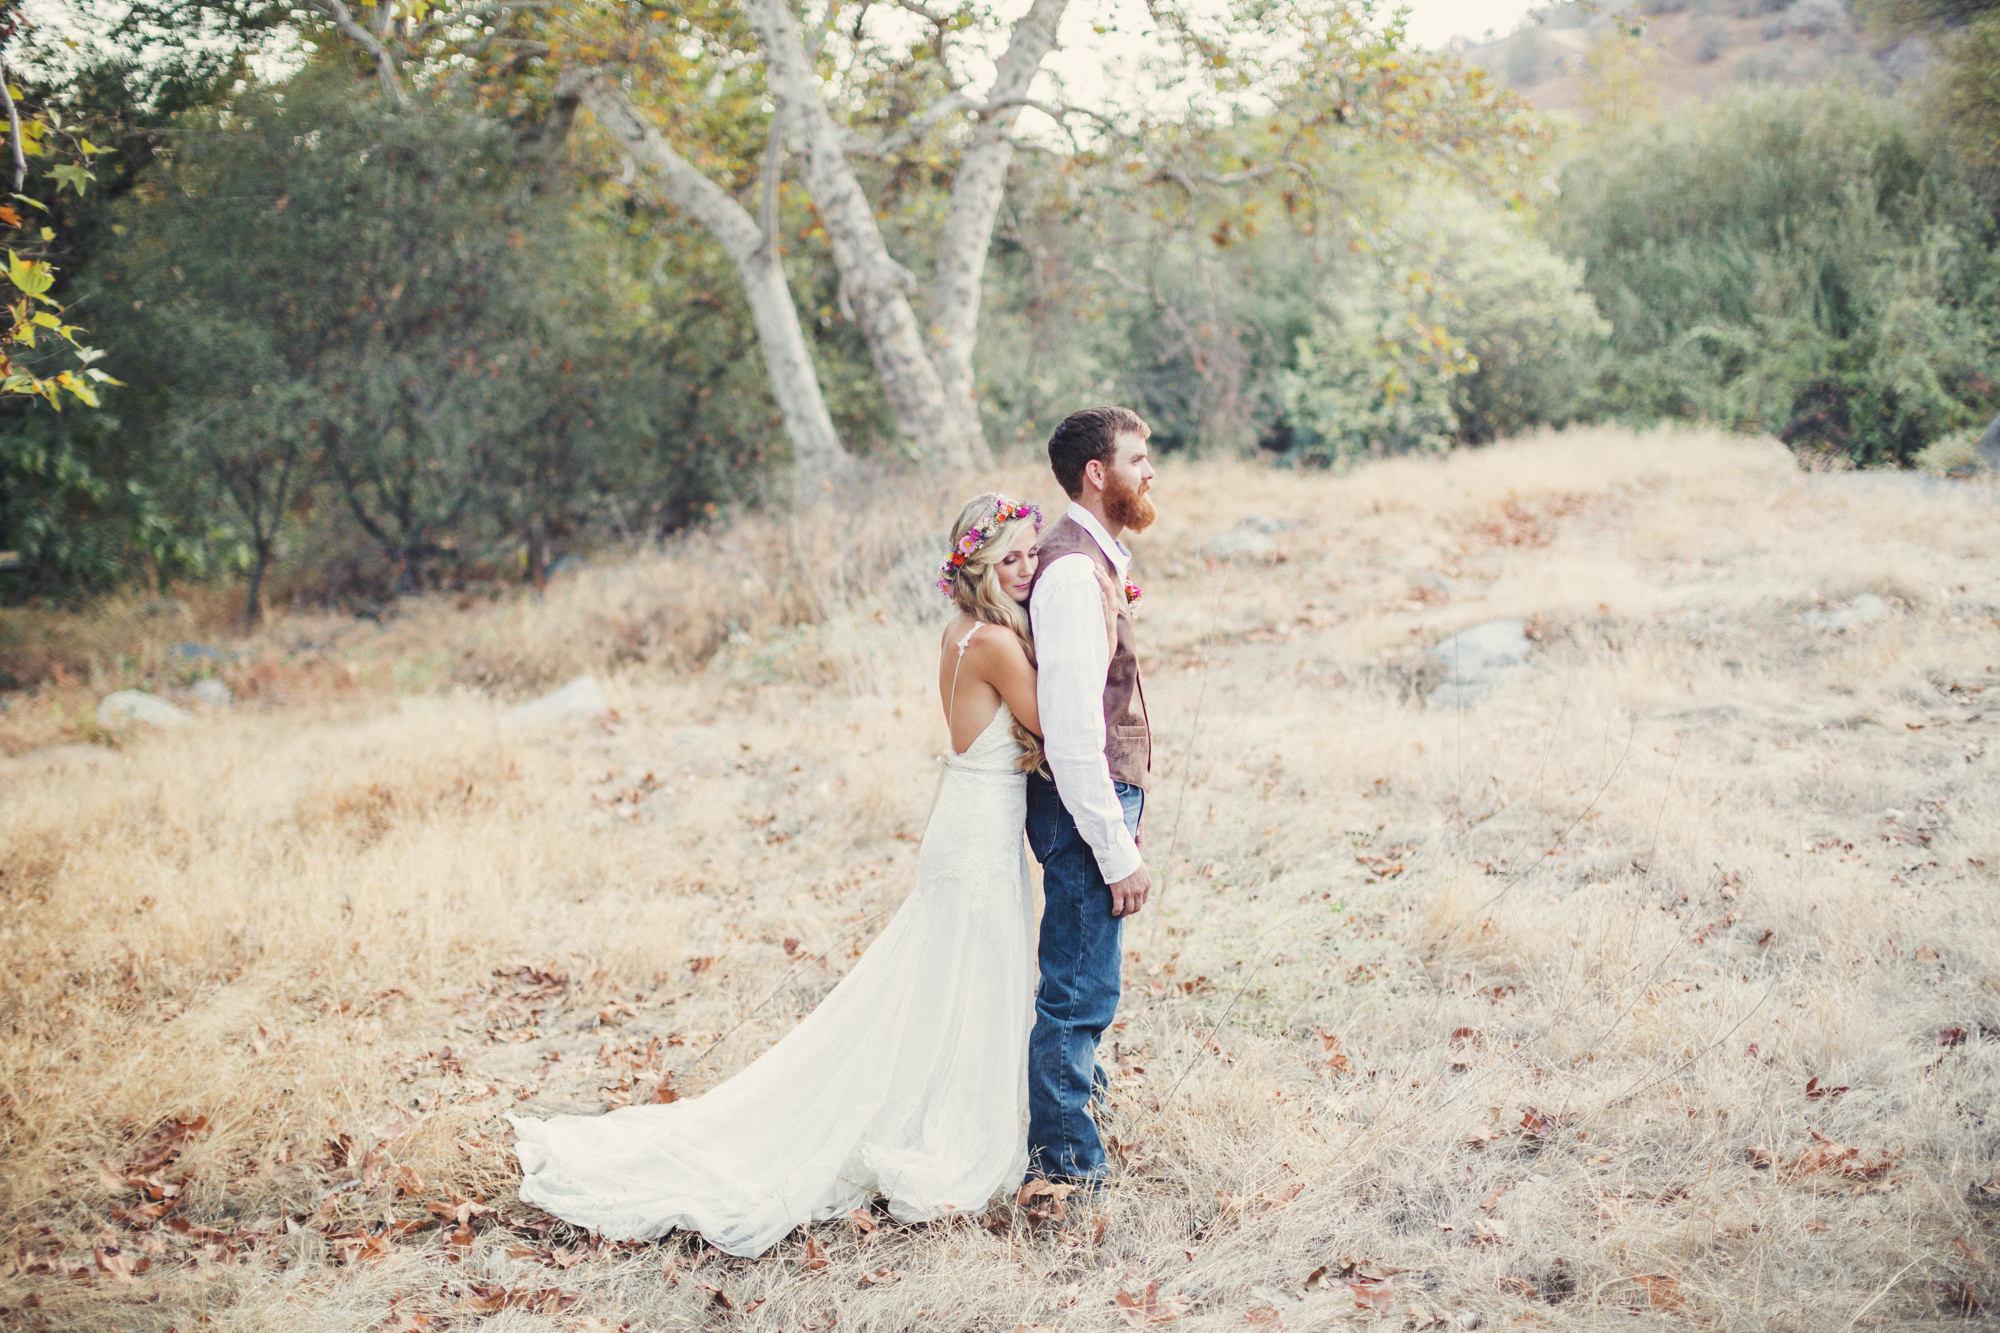 Rustic wedding in California ©Anne-Claire Brun 87